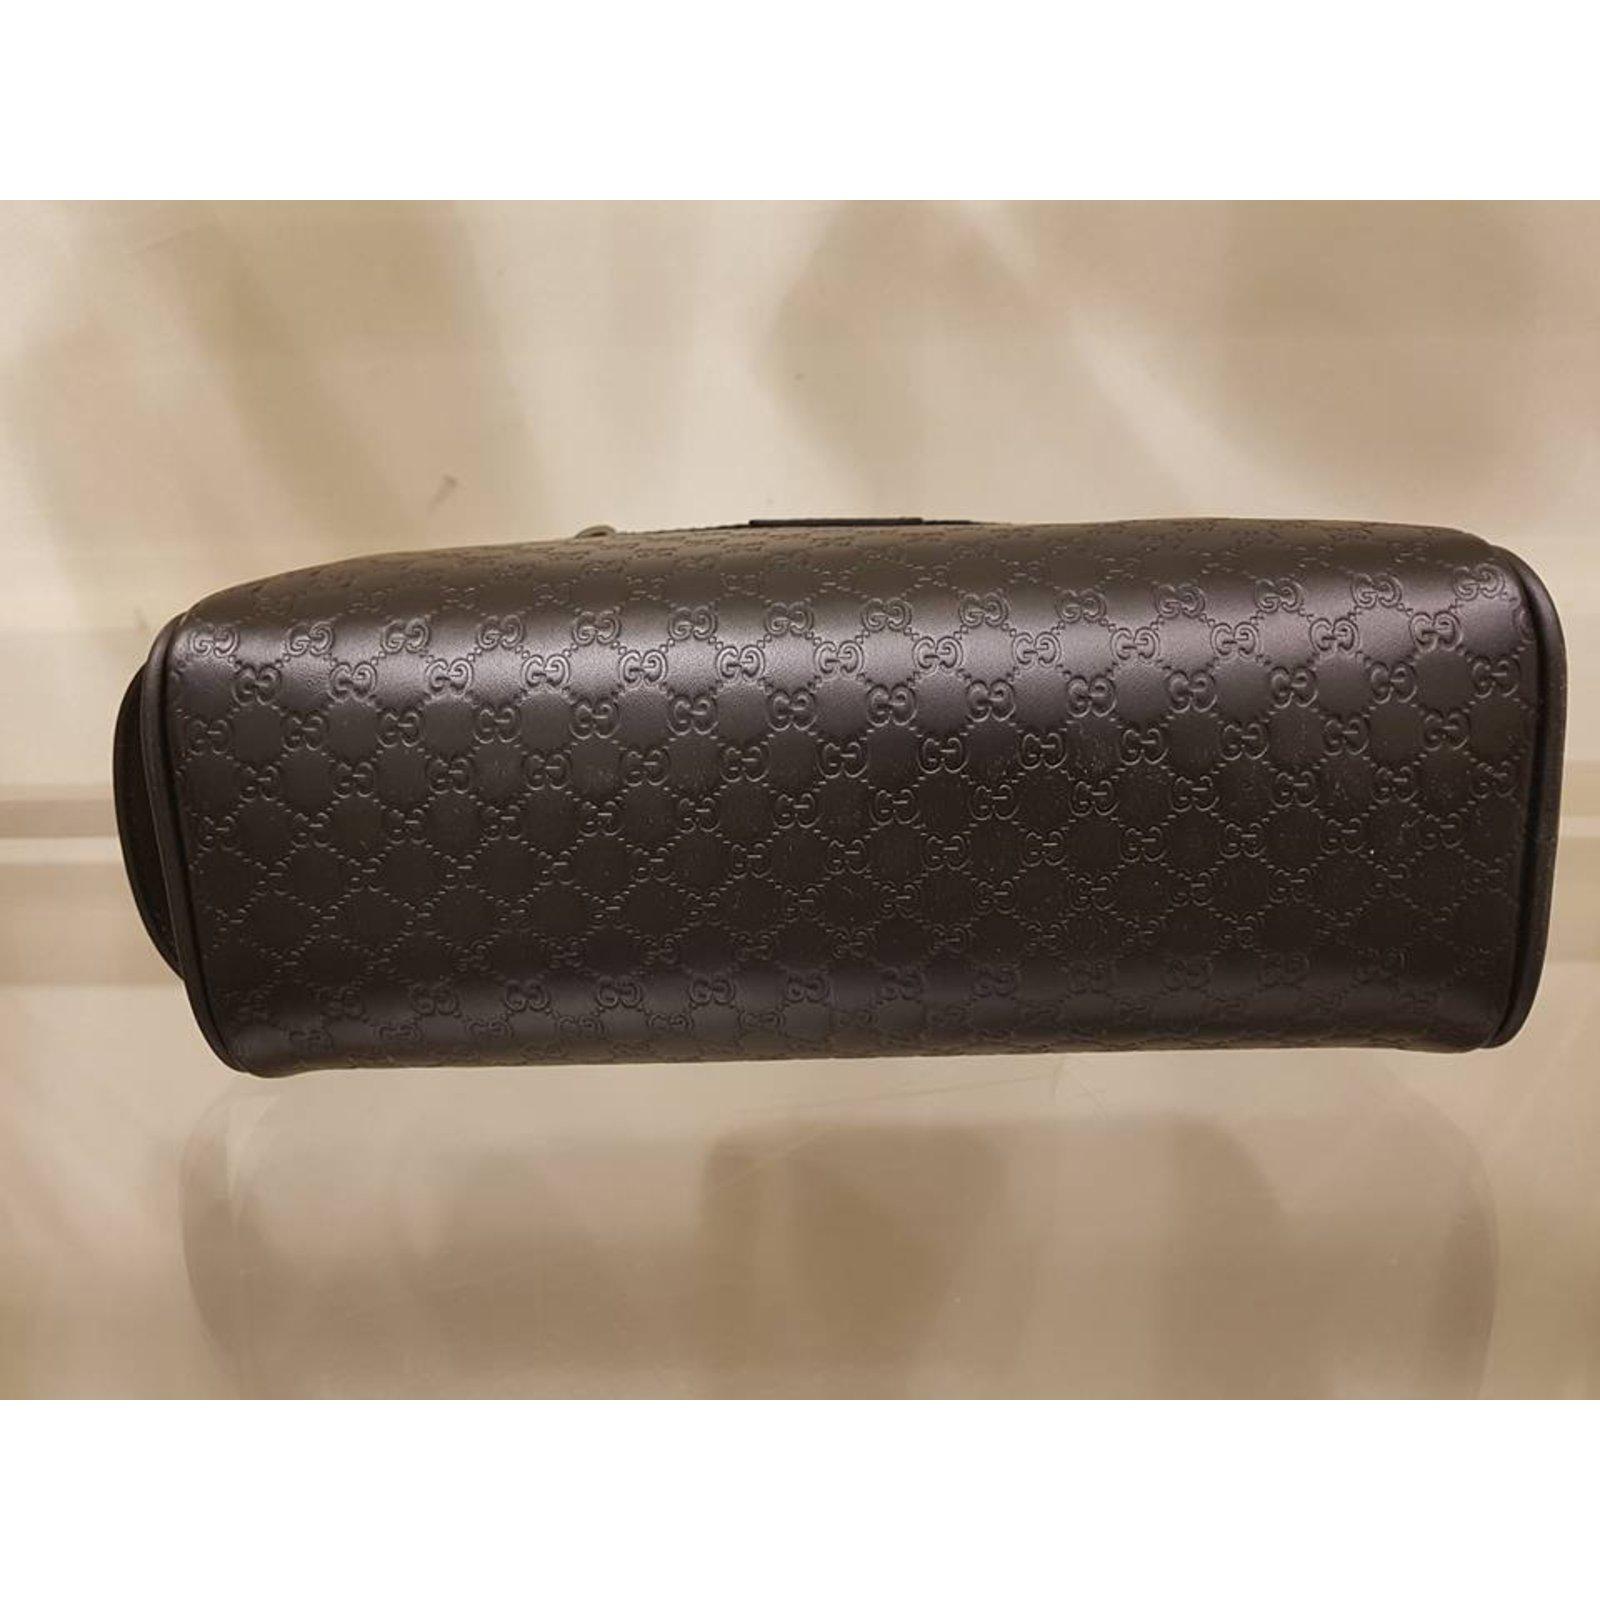 59ab7a97f19b88 Gucci New Gucci Men s 419775 BLACK Leather Micro GG Guccissima Large  Toiletry Dopp Bag Wallets Small accessories Leather Black ref.48039 - Joli  Closet